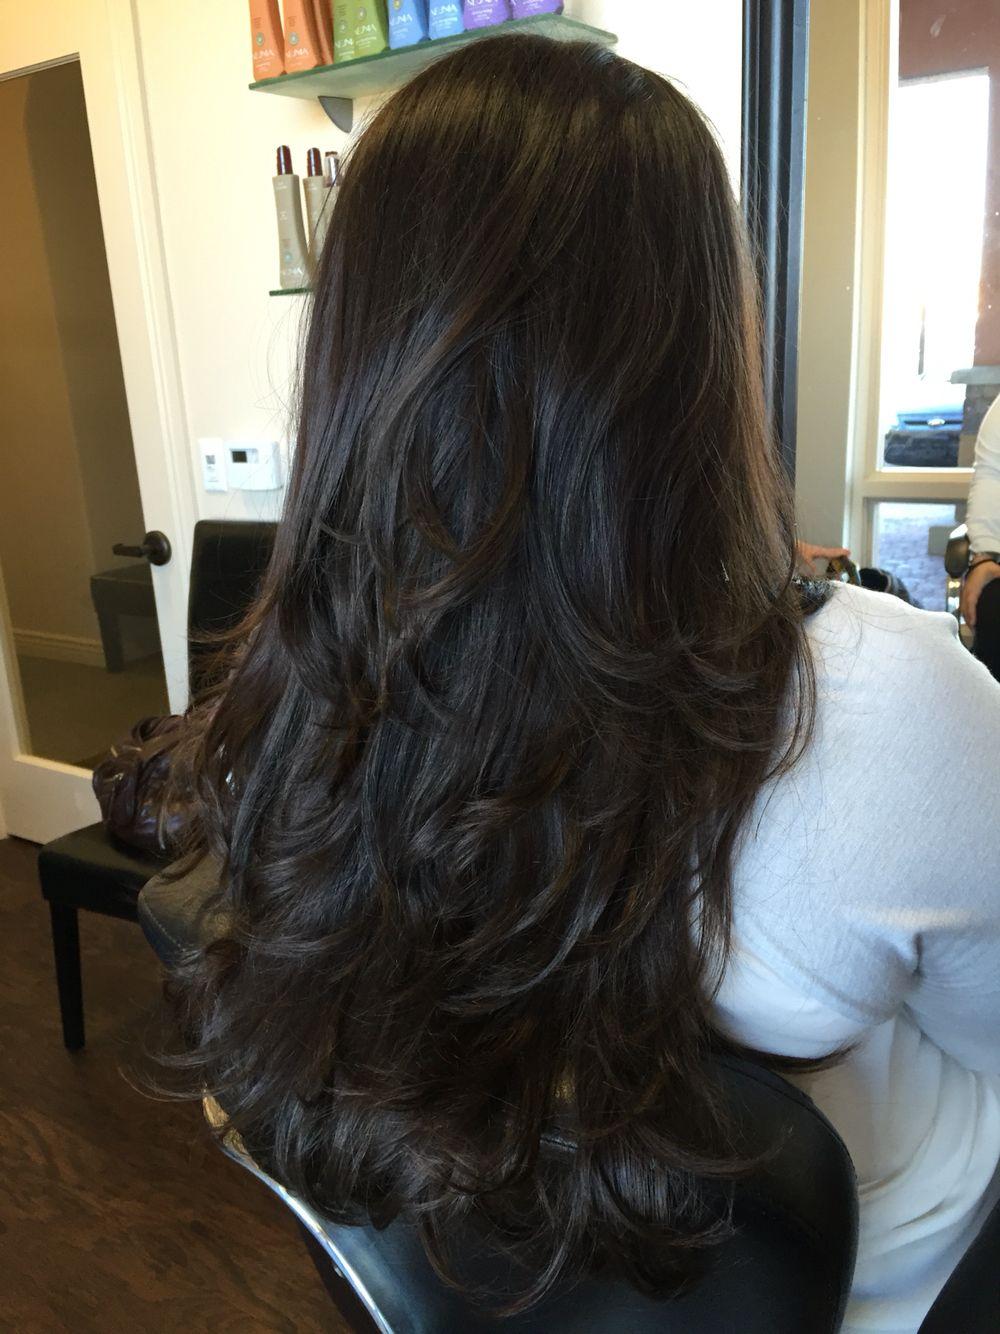 Shear Designs By Liana Brunette Hair Dark Hair Long Hair Layered Haircut Long Hair Styles Long Layered Hair Hair